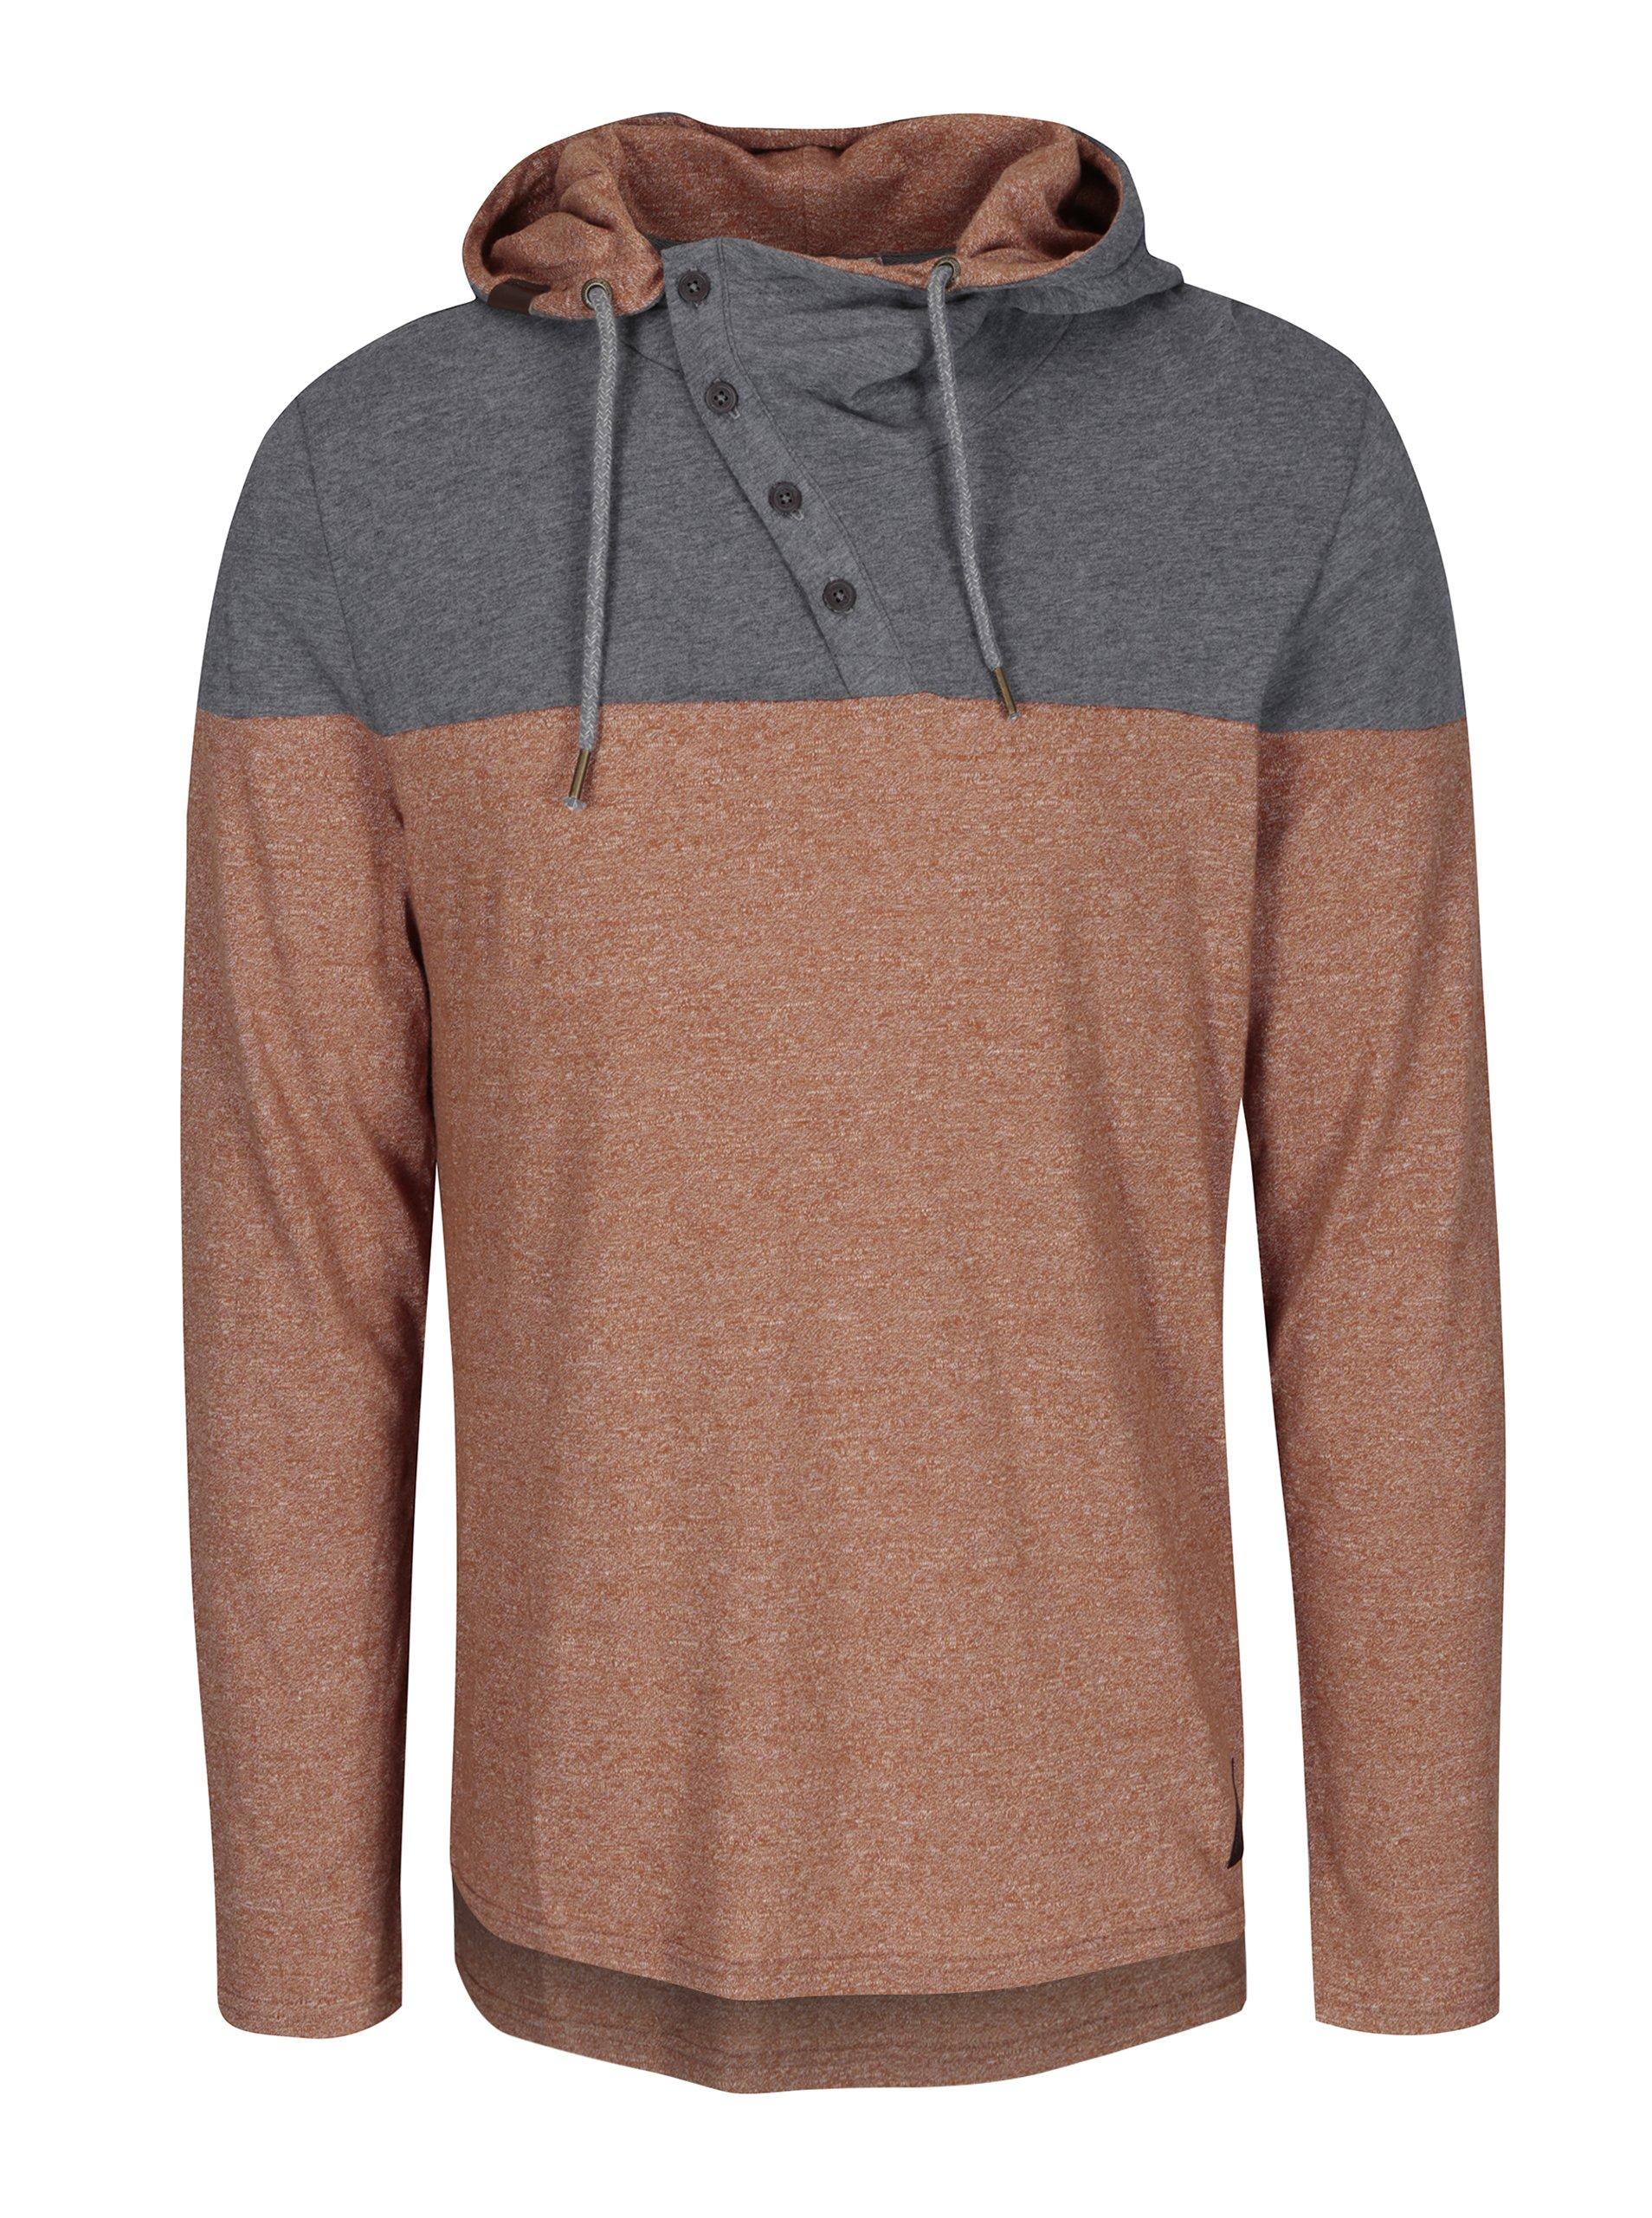 Šedo-hnědé pánské tričko s kapucí Ragwear Peanuts